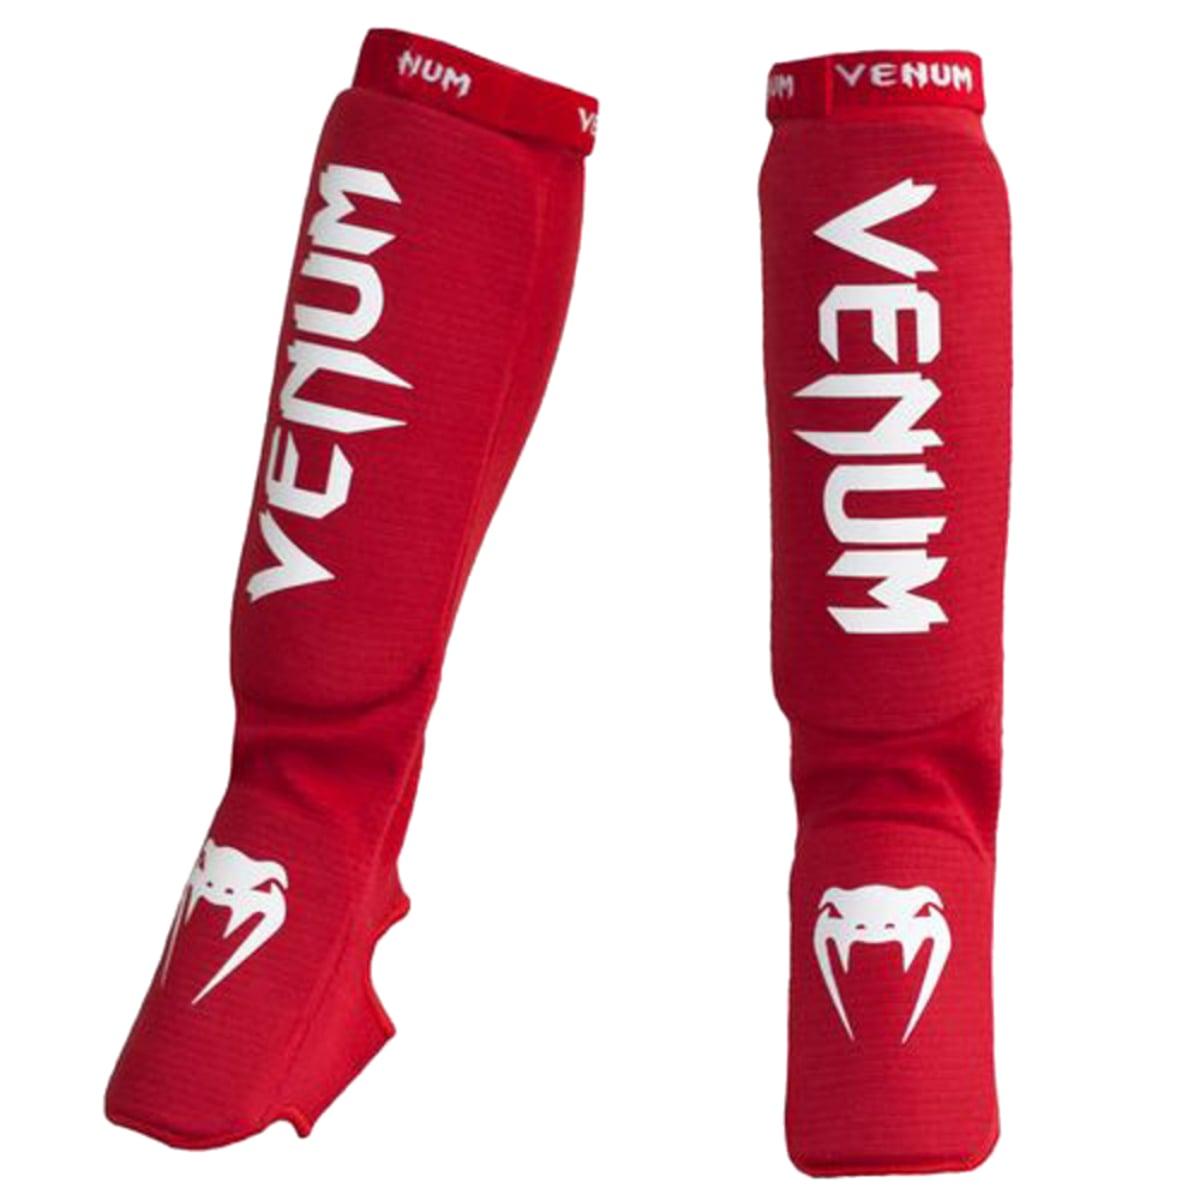 Caneleira Venum Kontact - Vermelho